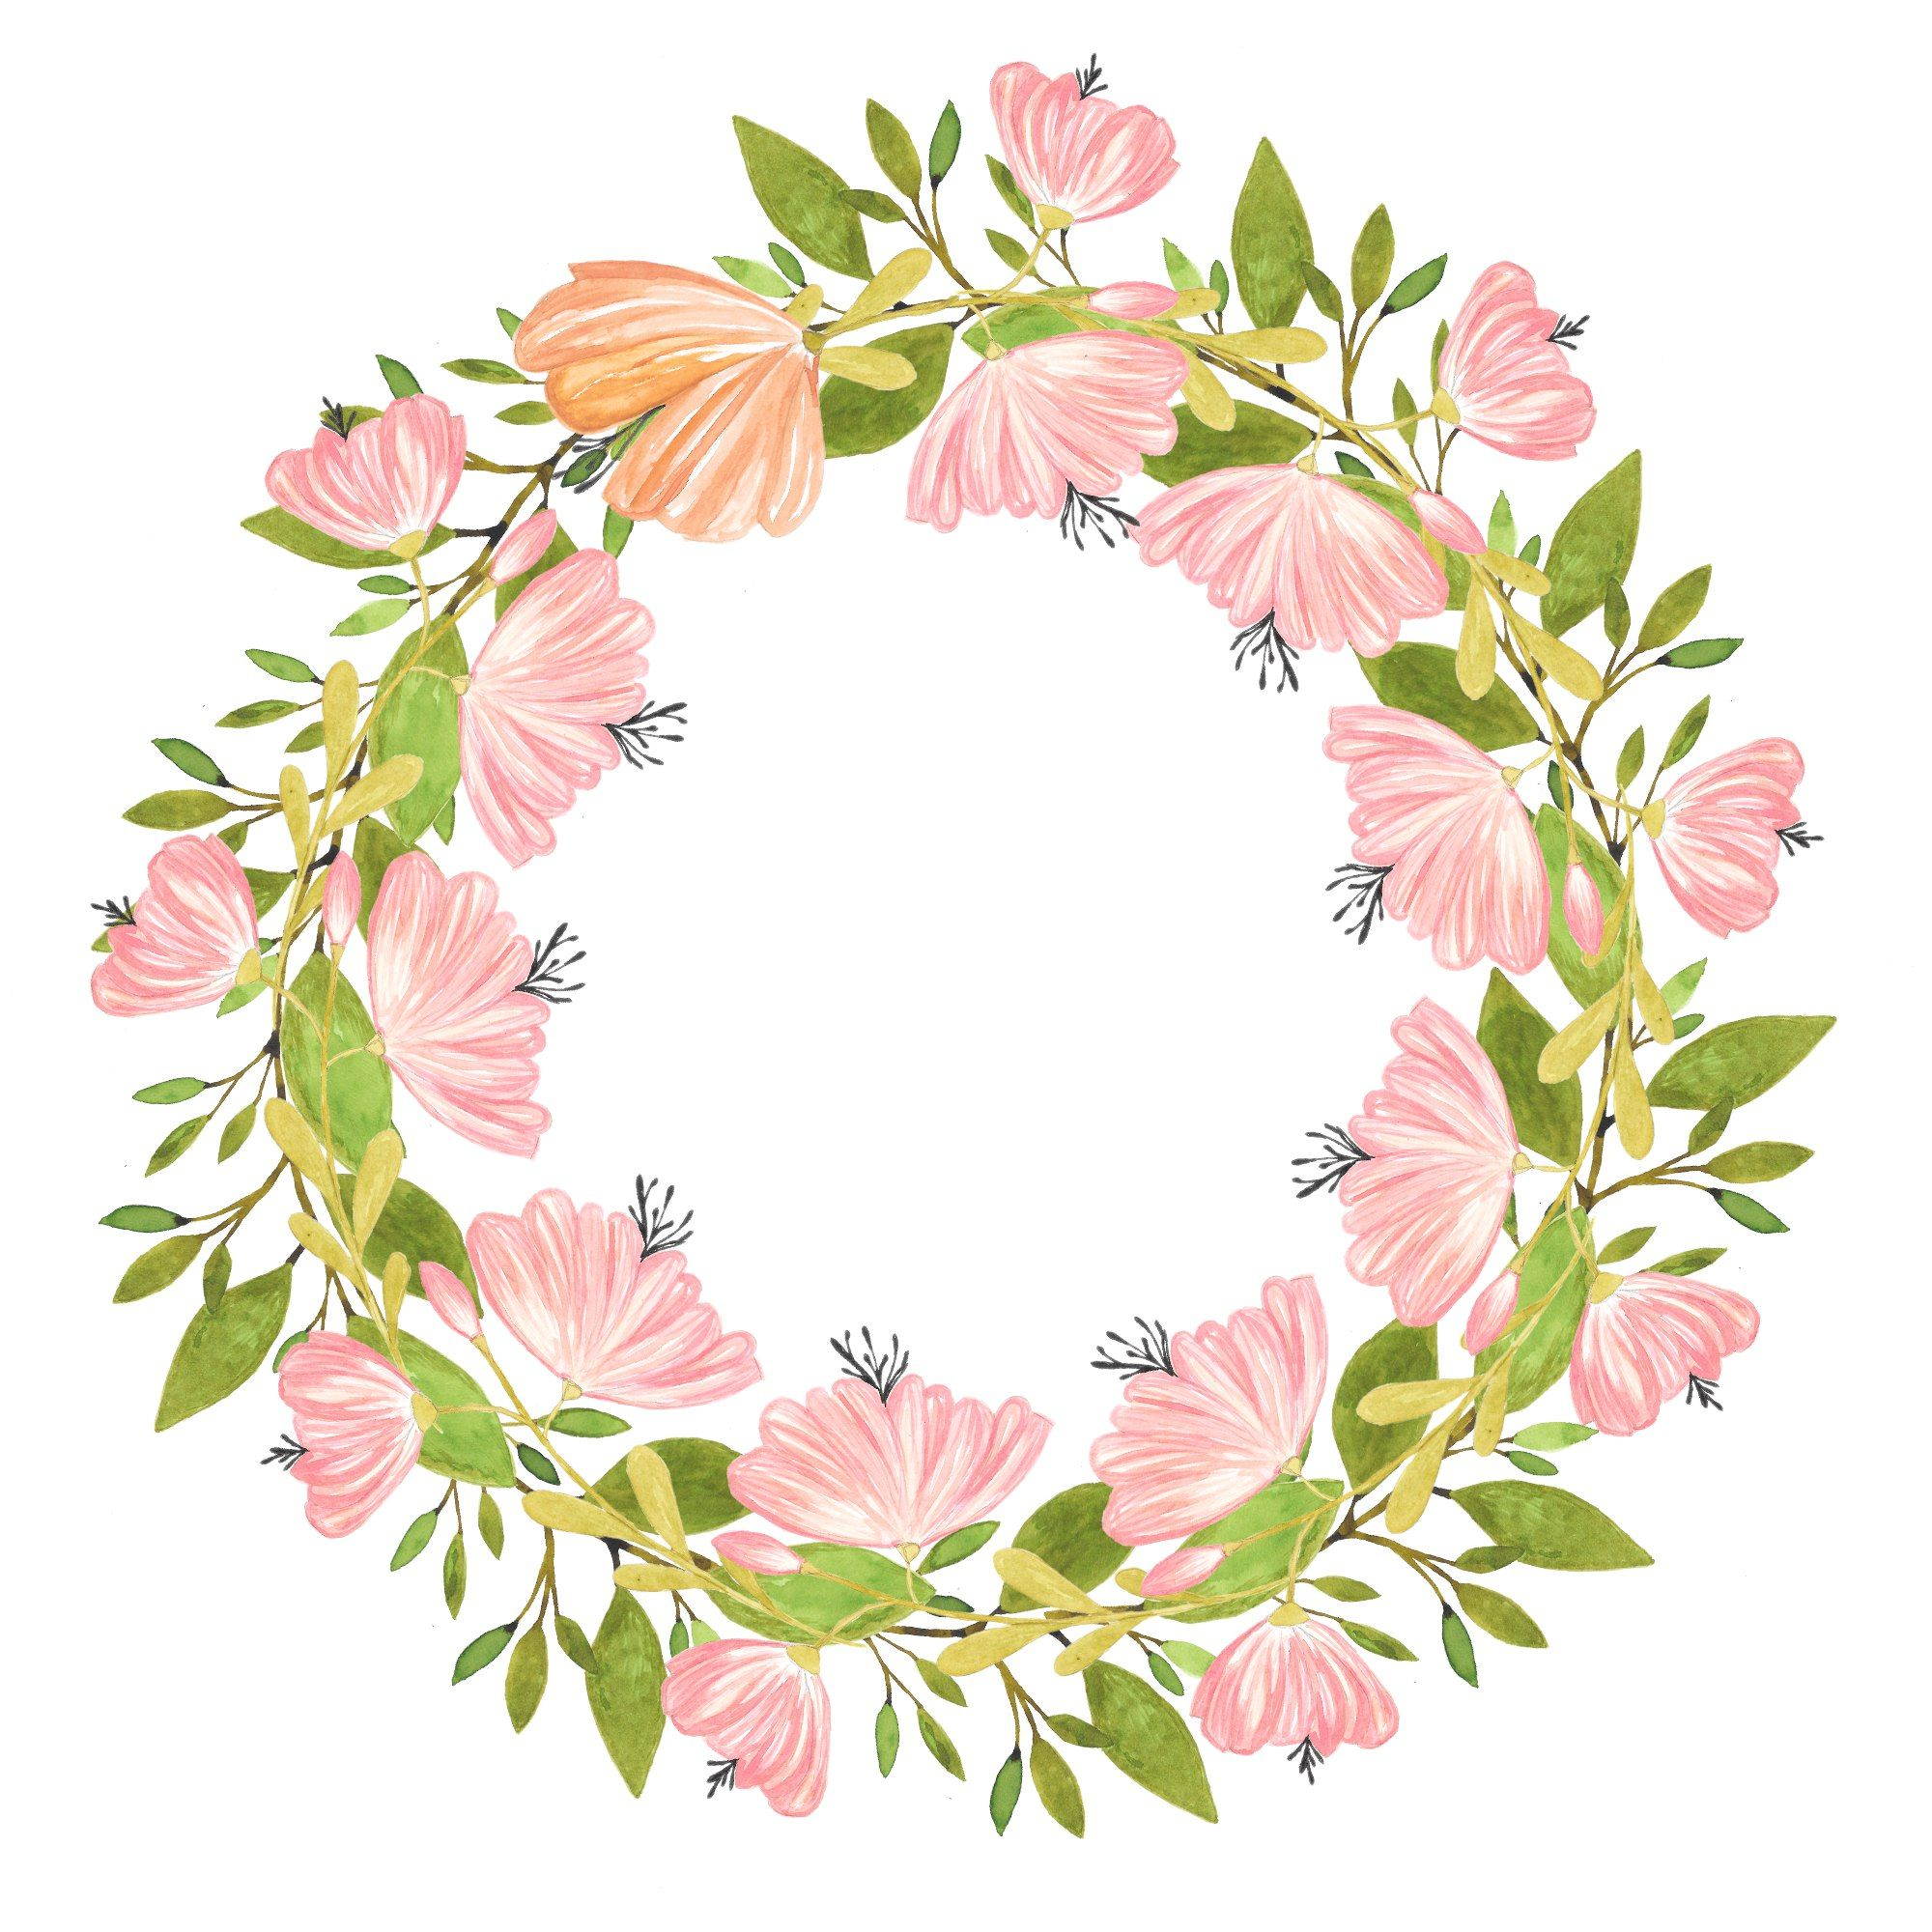 Art, flowers, printable, cute, illustration